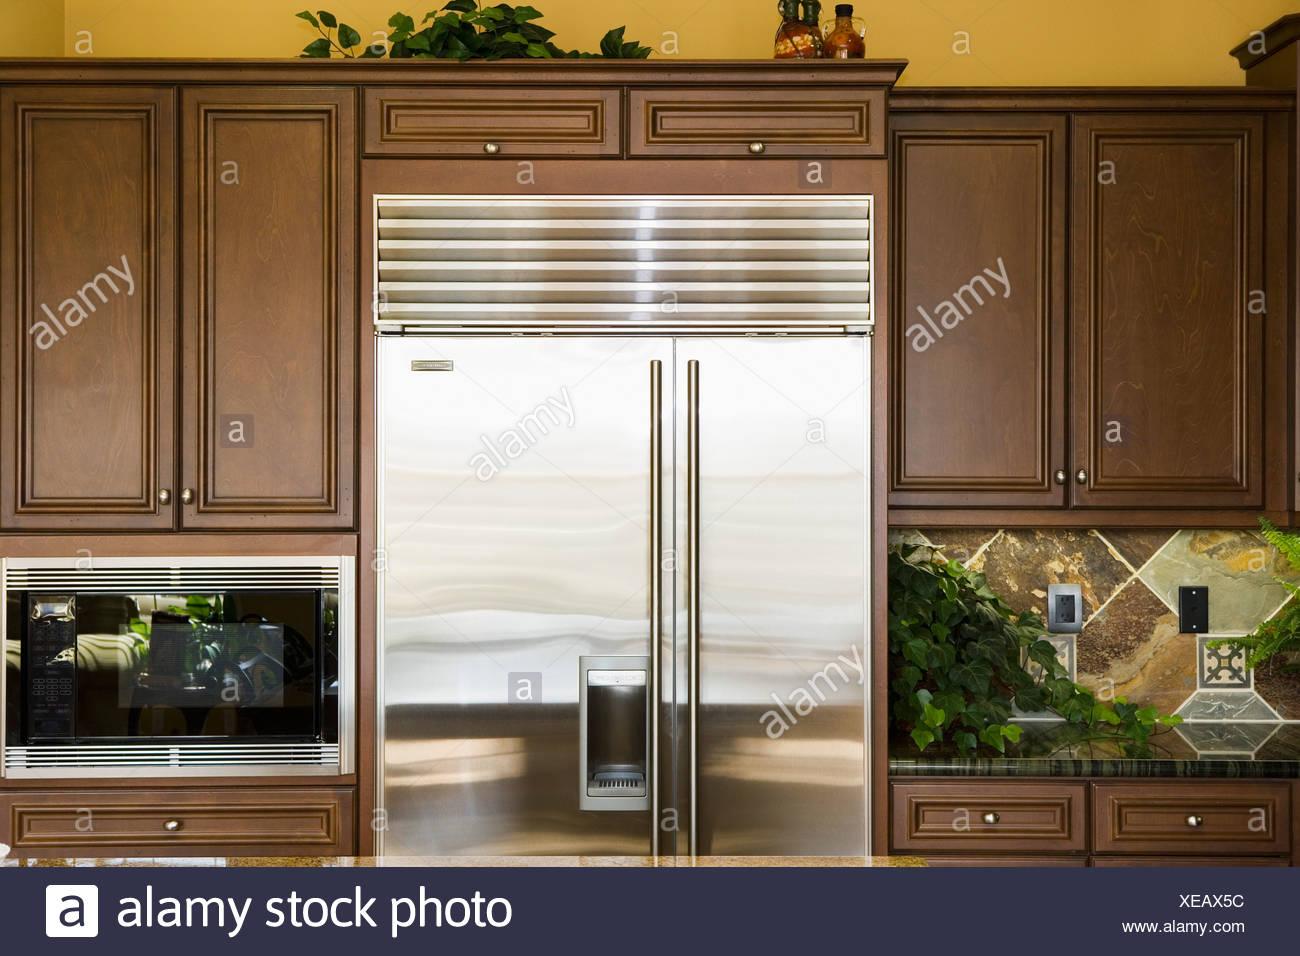 Amerikanischer Kühlschrank Edelstahl : Edelstahl kühlschrank in der küche stockfoto bild: 284211128 alamy